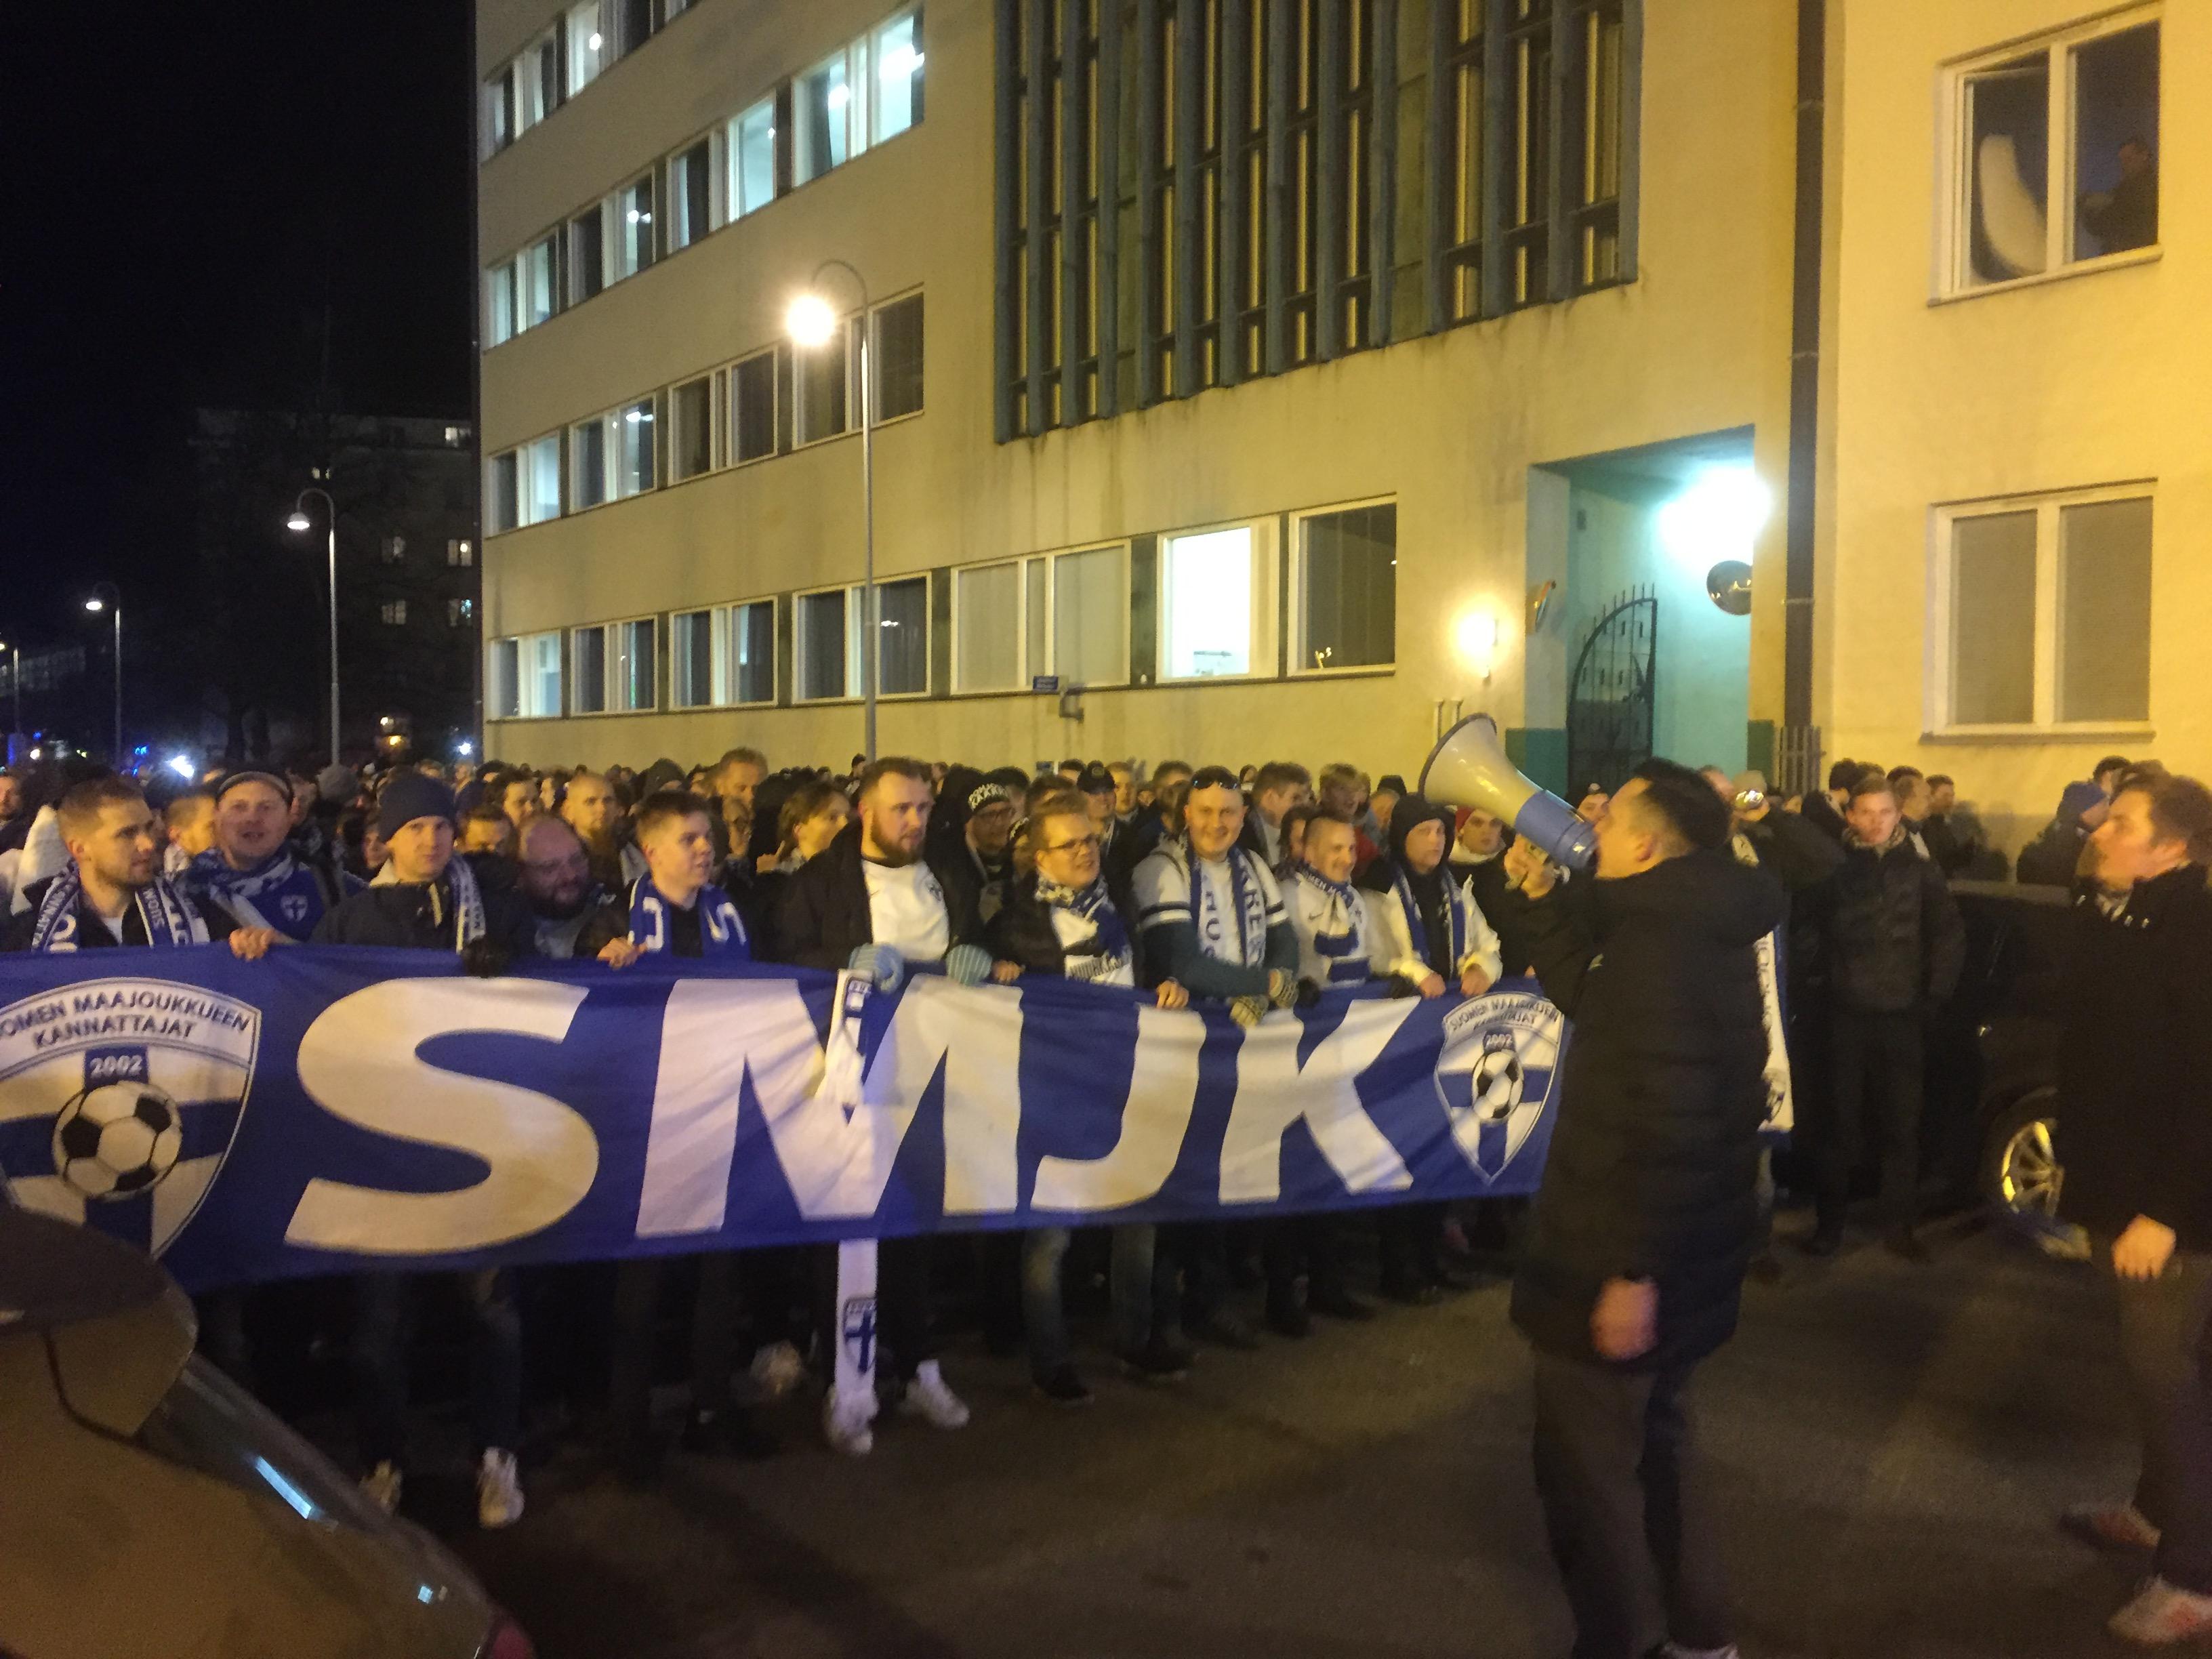 Suomen maajoukkueen kannattajat ry:n johtama kulkue avaa äänijänteitään Töölössä tunti ennen Suomi-Lichntenstein-ottelua.